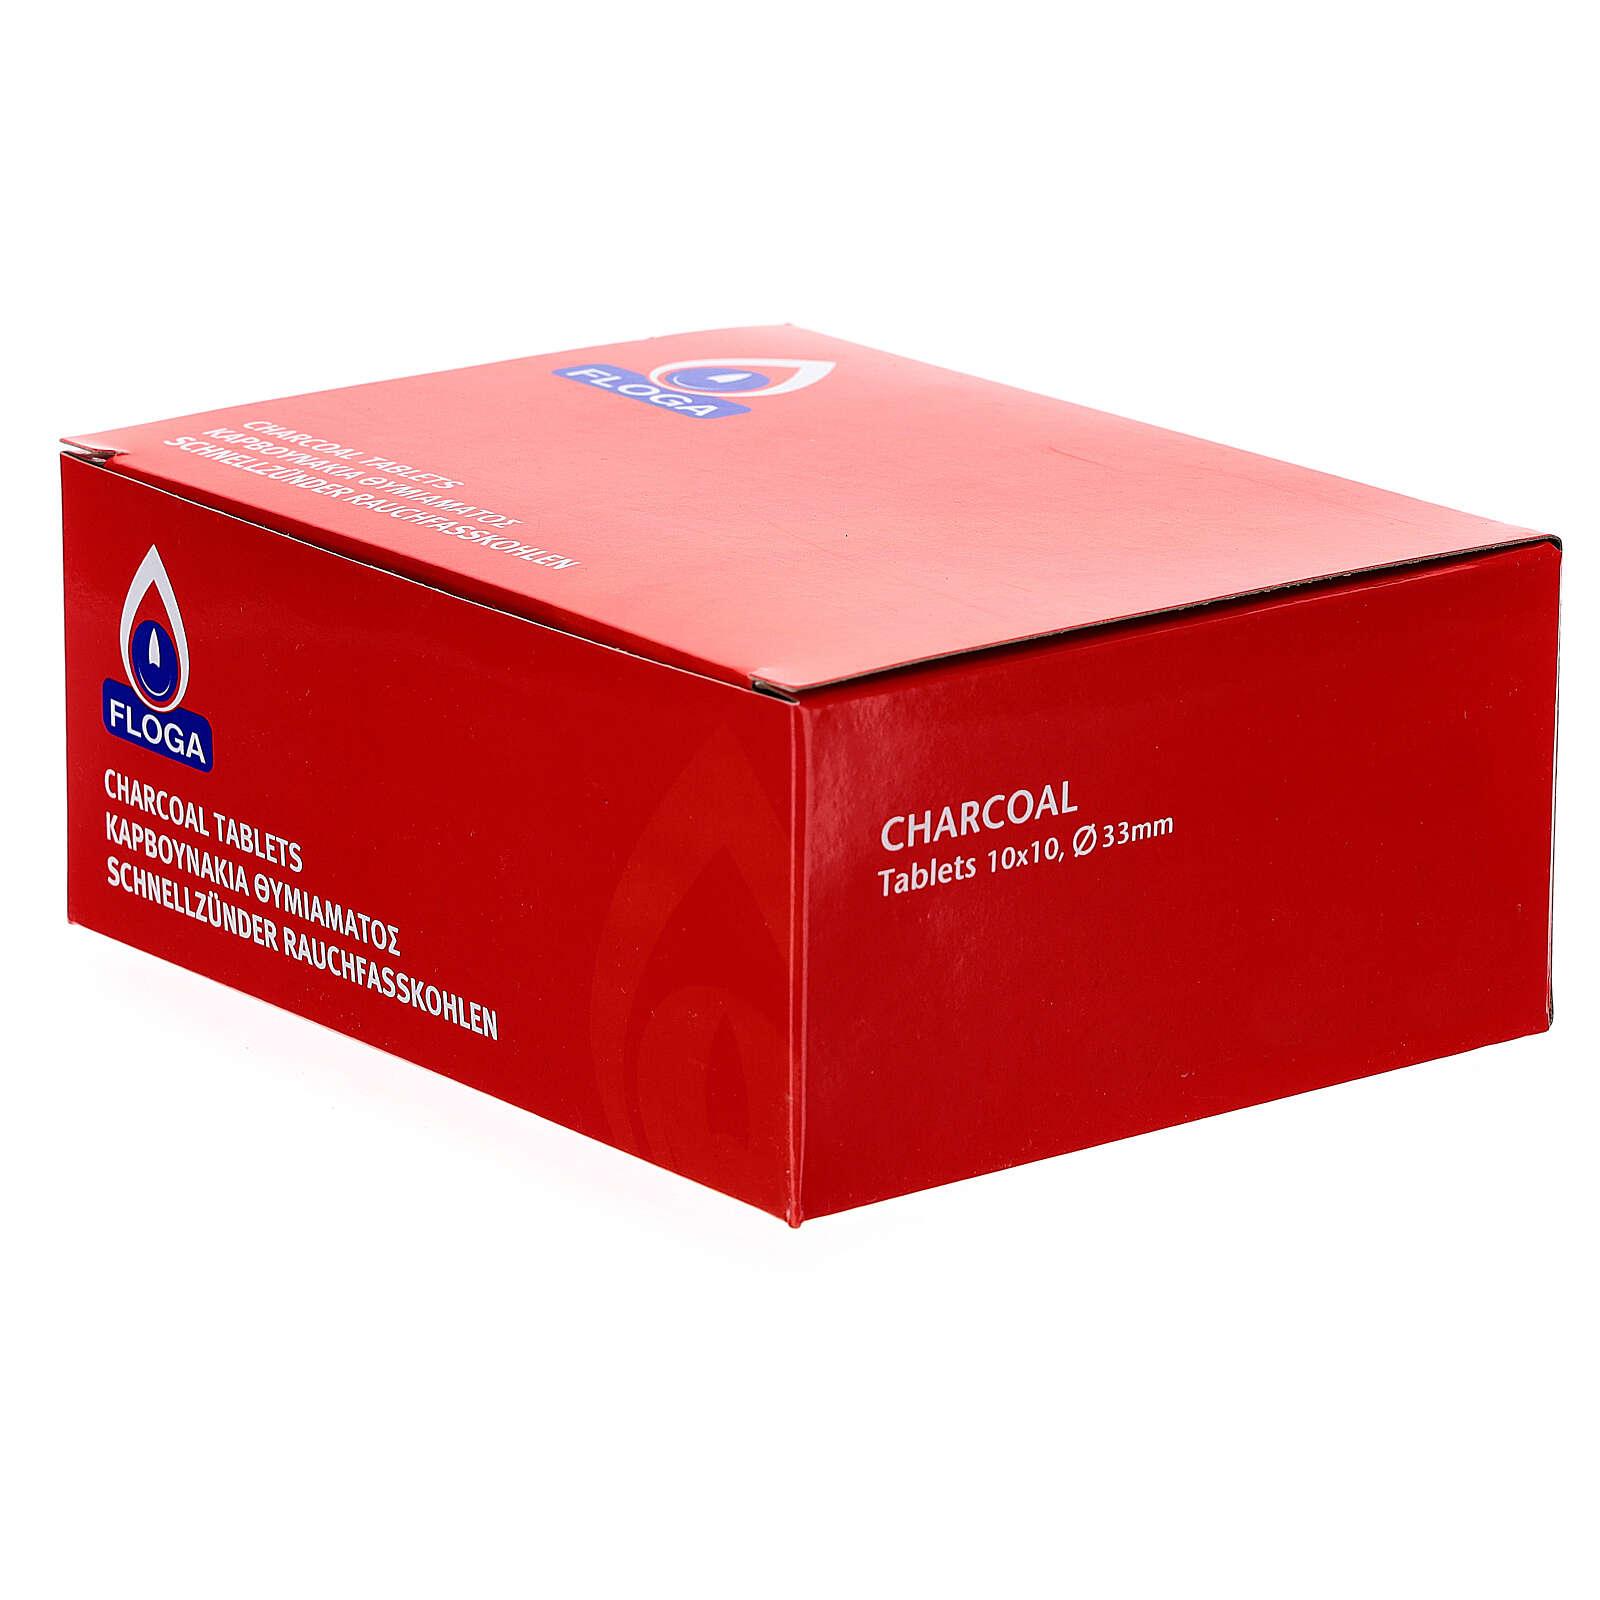 Charbons pour encens 33 mm 100 pcs 3